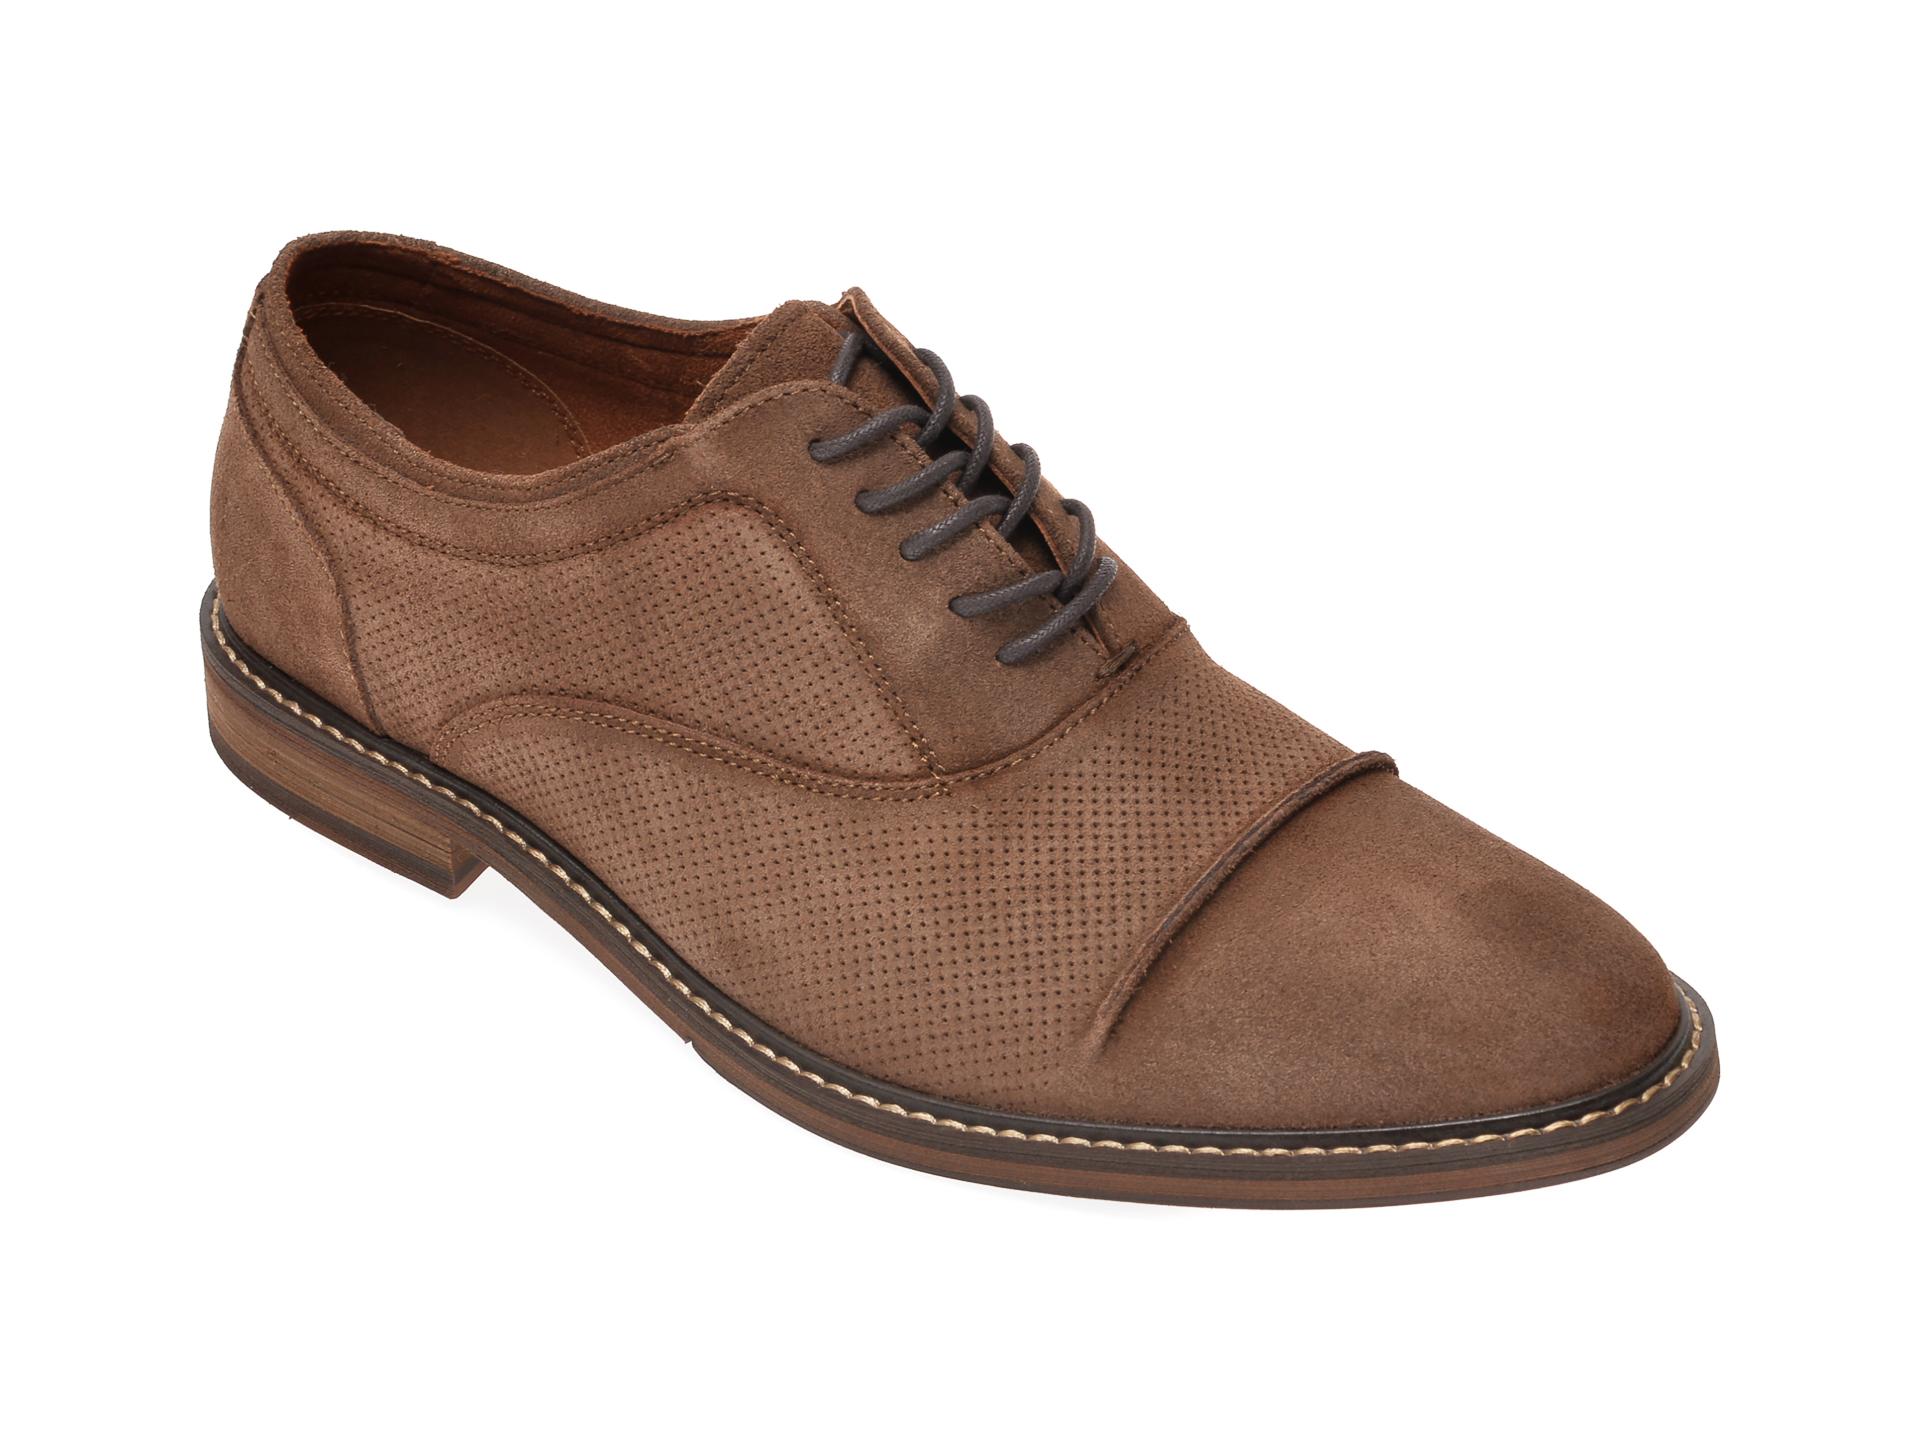 Pantofi ALDO maro, Hiller251, din piele intoarsa imagine